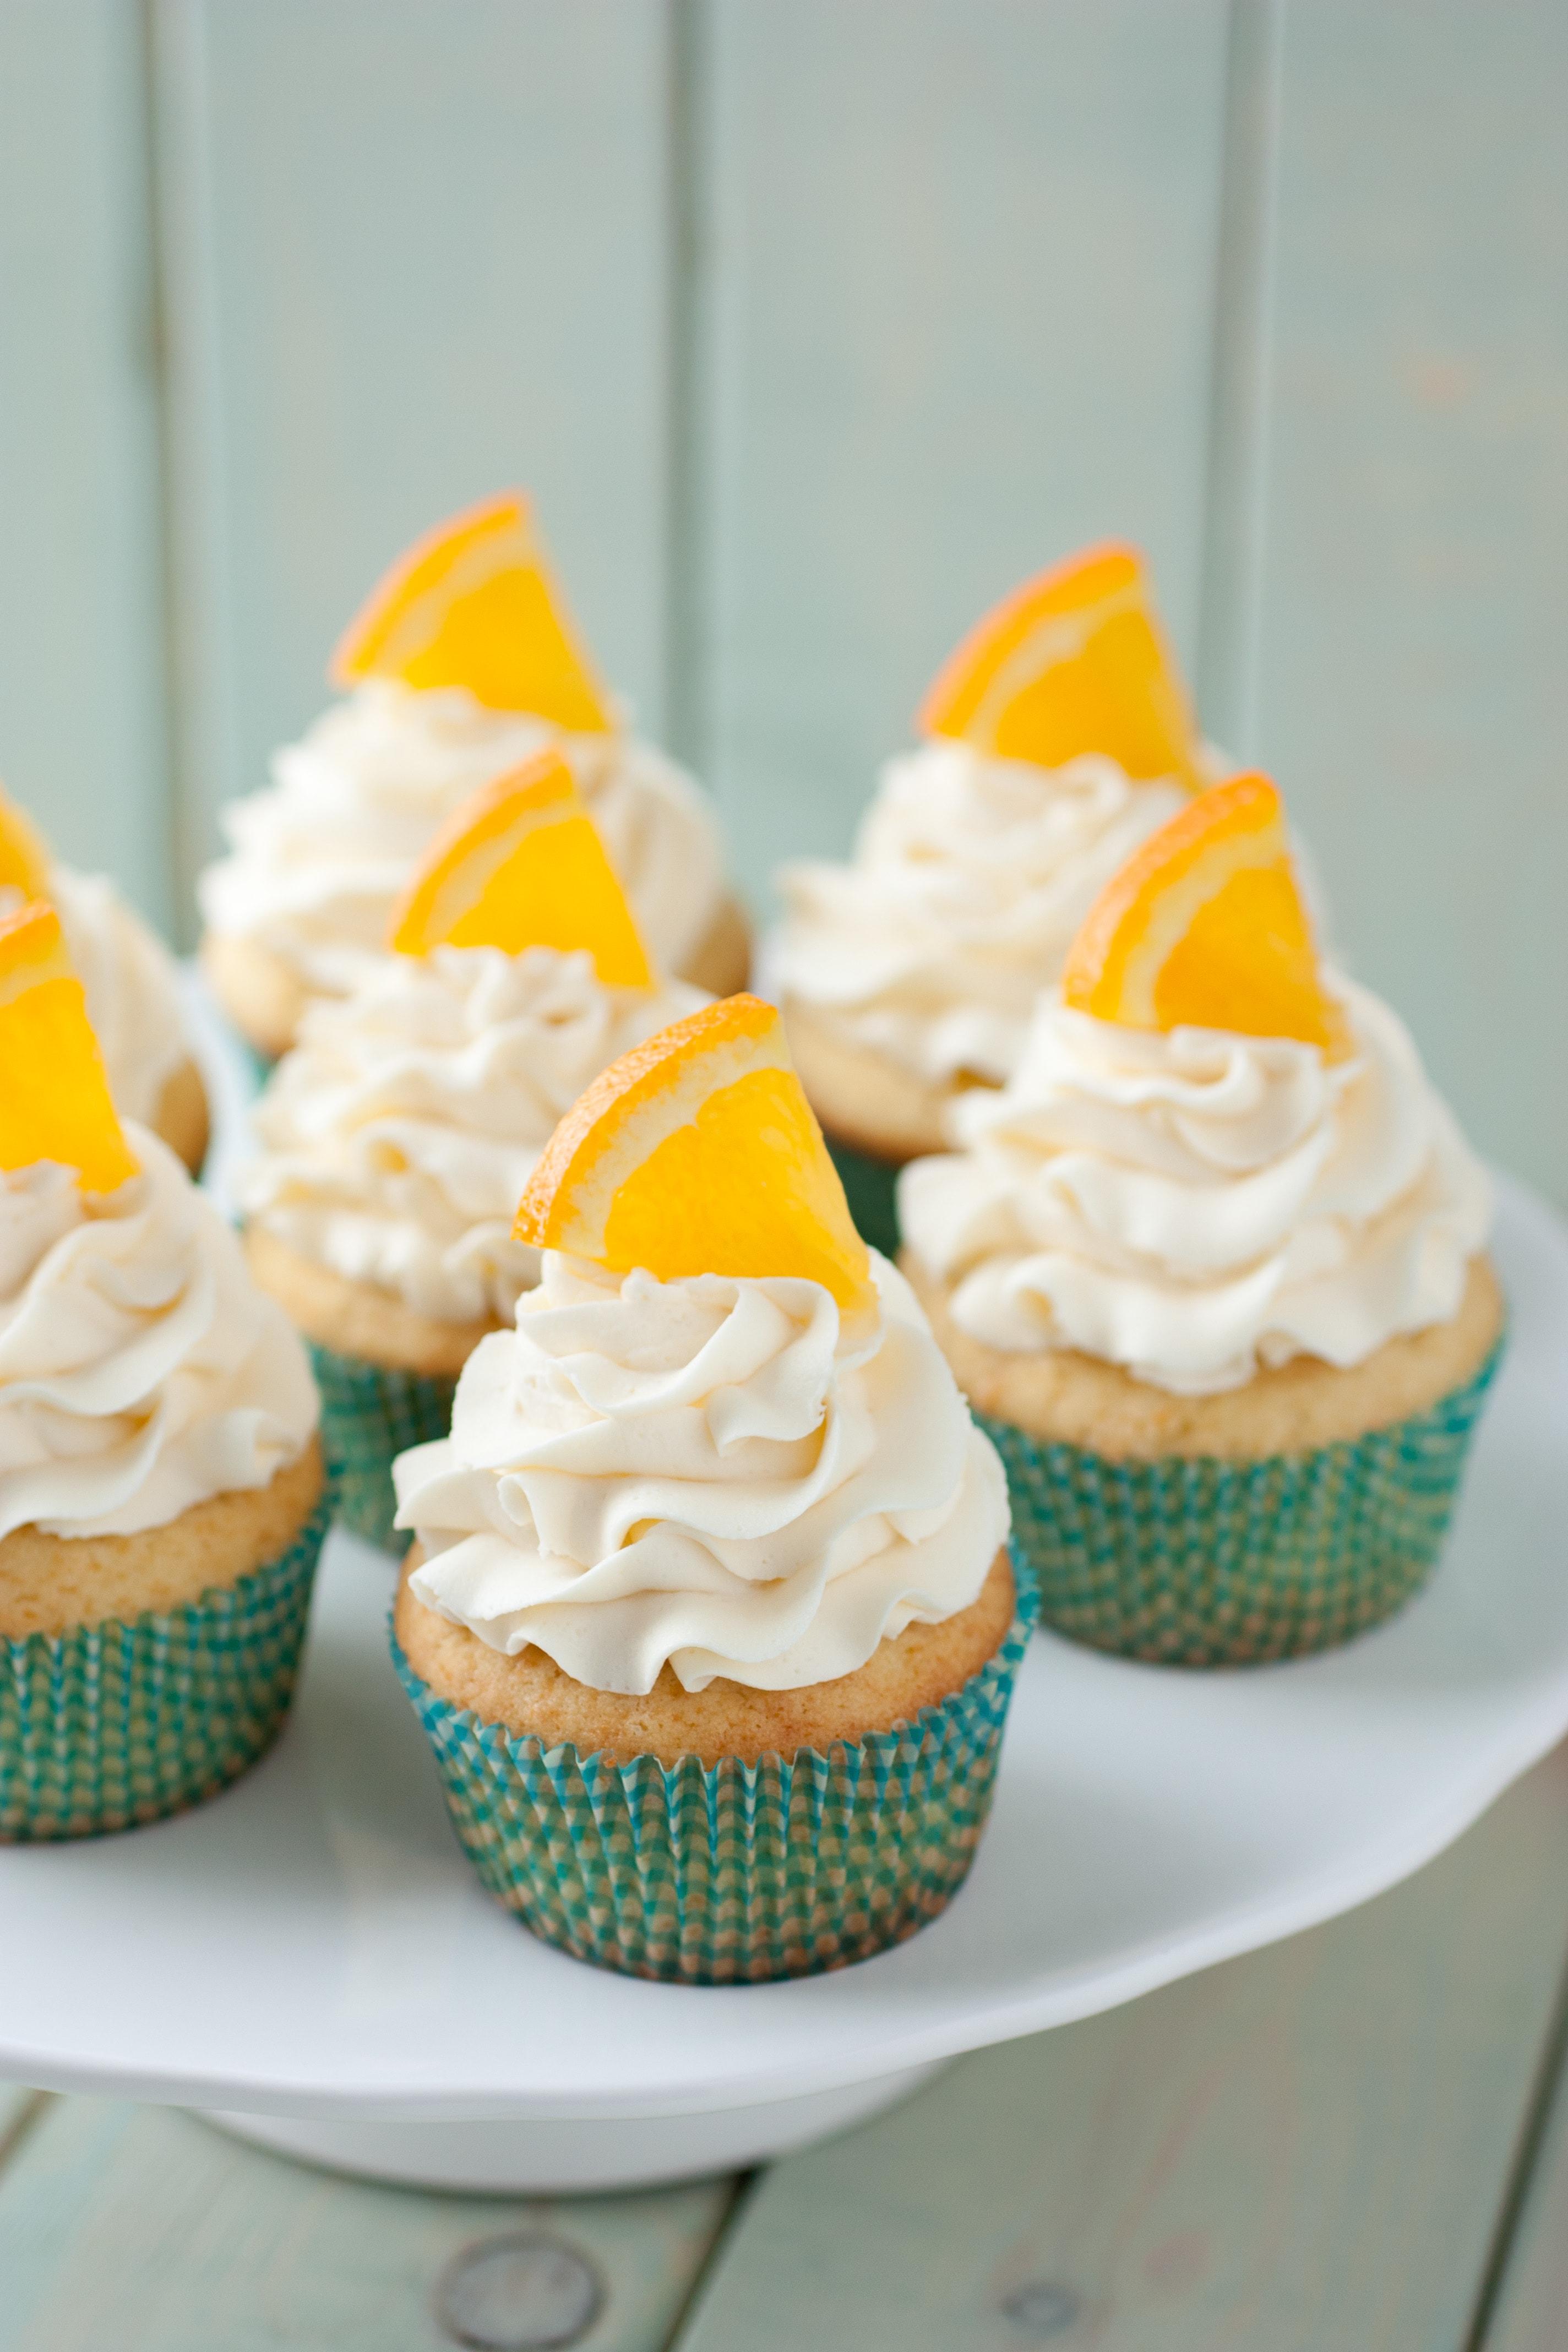 Cake Mix Fruit Cake Recipe